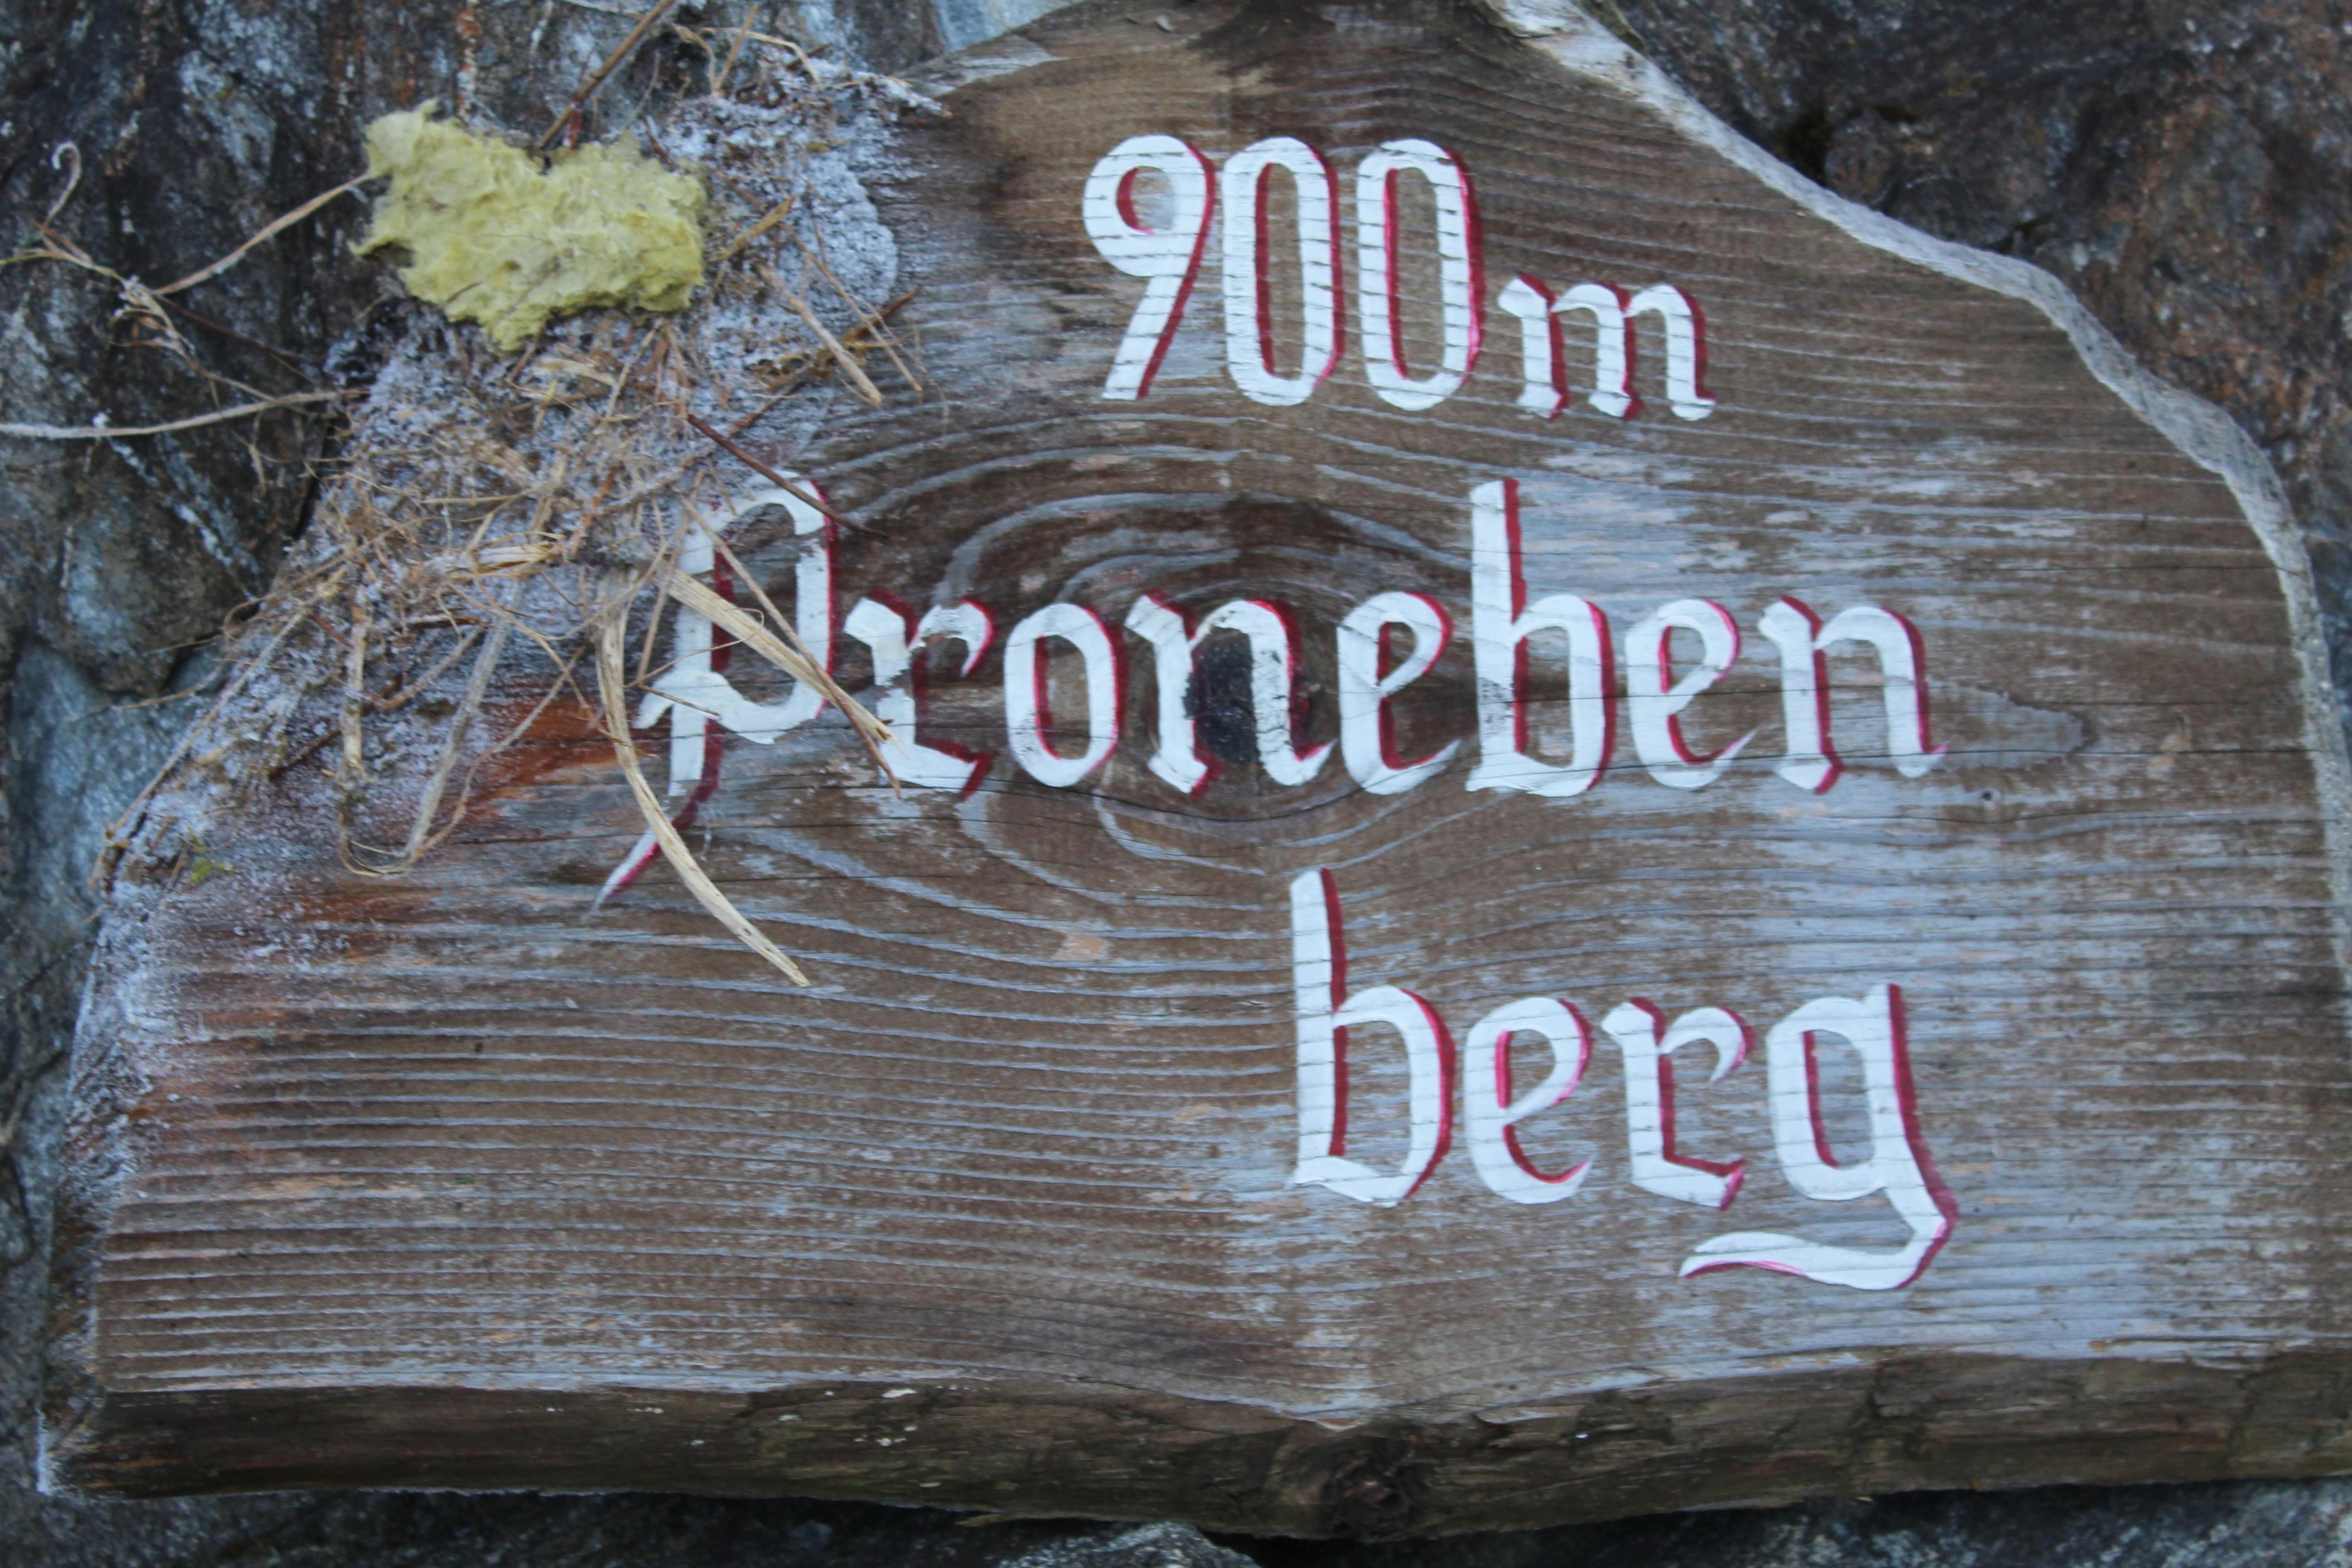 Pronebenberg